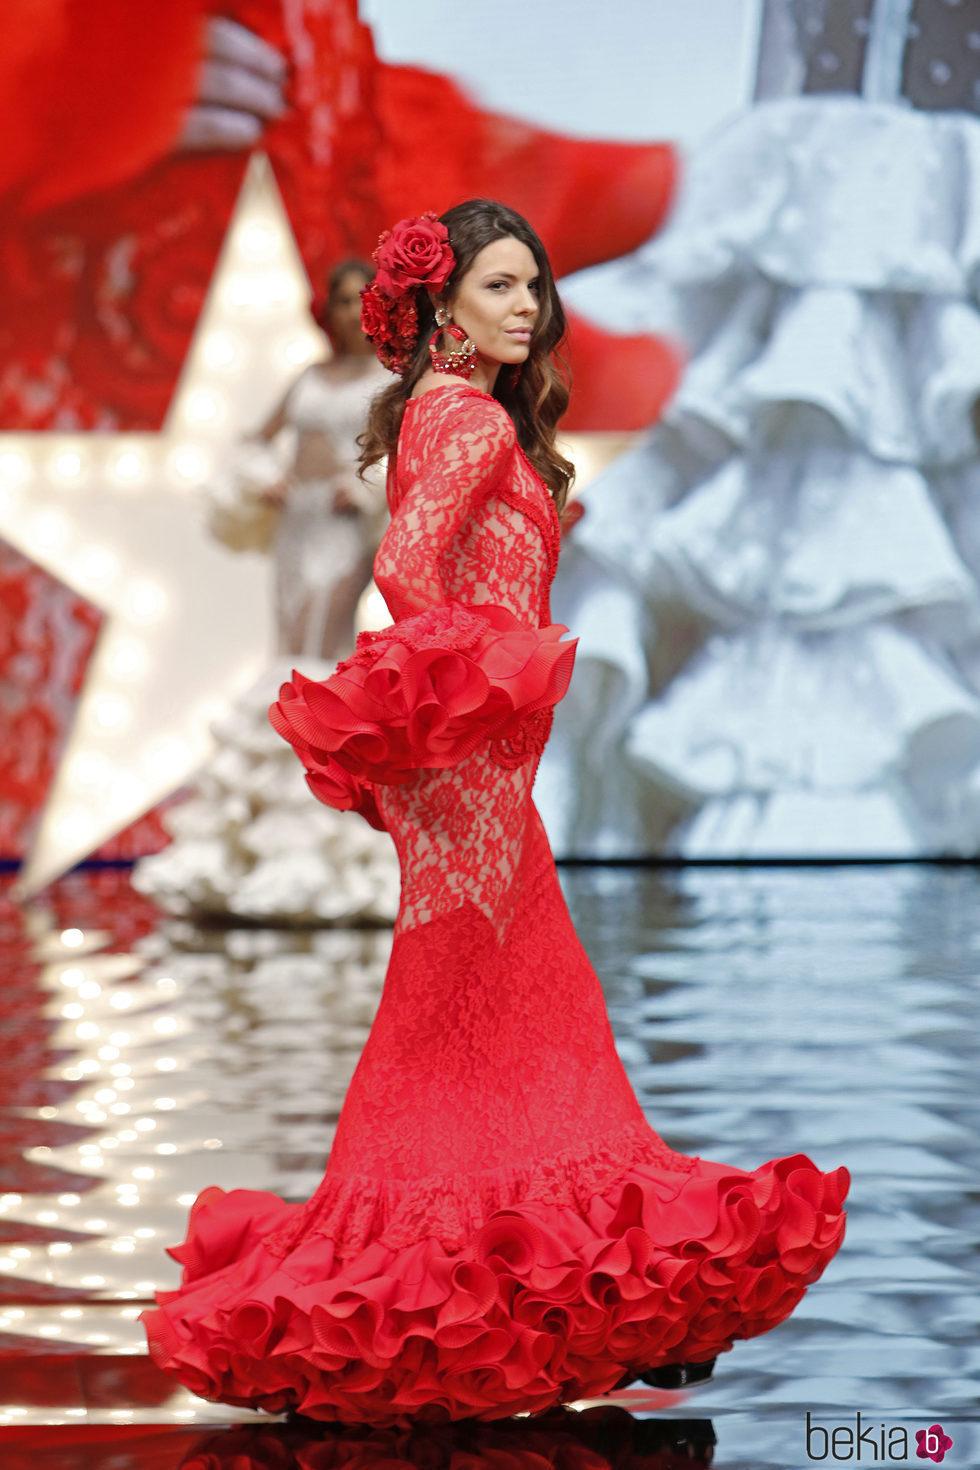 872f187e47504 Anterior Laura Matamoros desfilando en el SIMOF 2017 con un vestido de  flamenca rojo